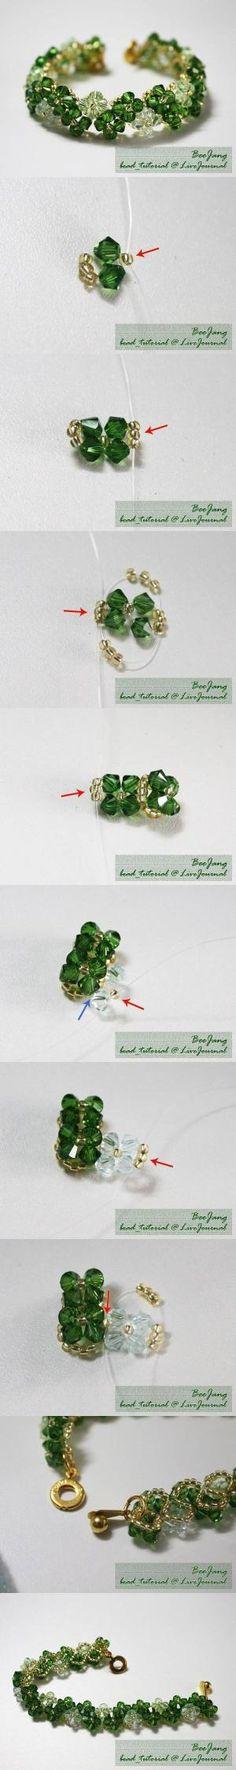 DIY Transparent Beads Bracelet DIY Transparent Beads Bracelet by diyforever